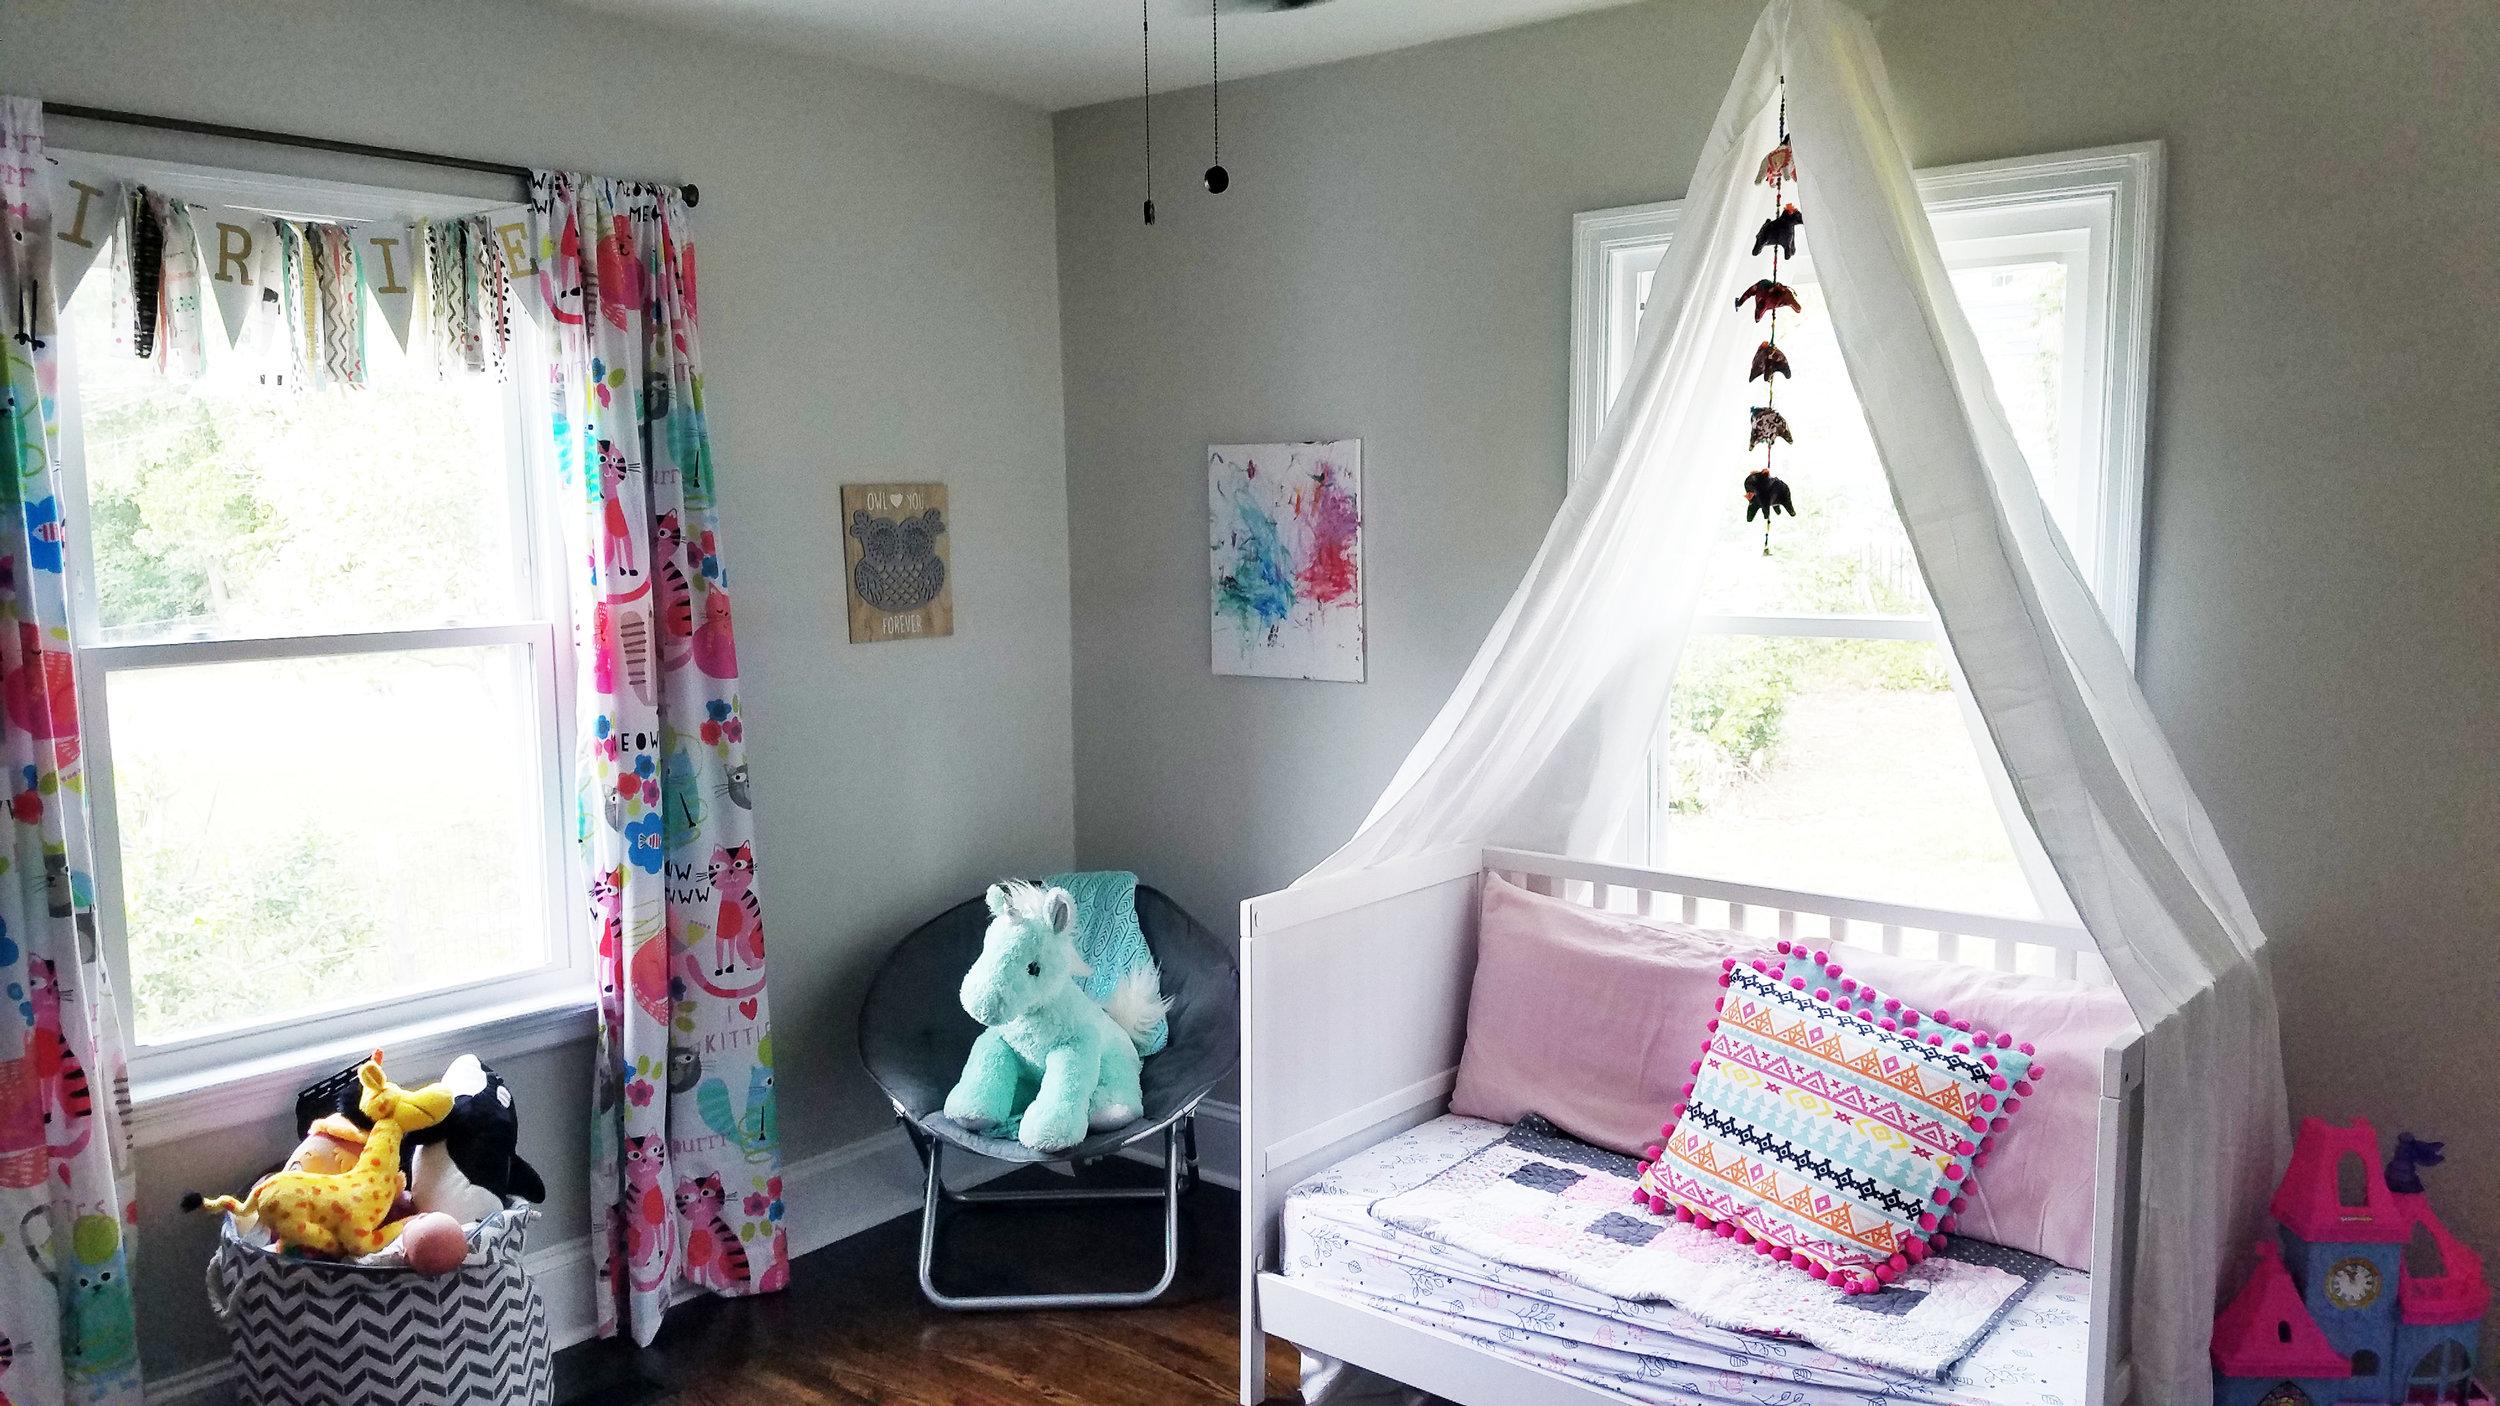 Haymount Homes Historical Fayetteville House NC Glenville Ave Bedroom 1 Boho girls room